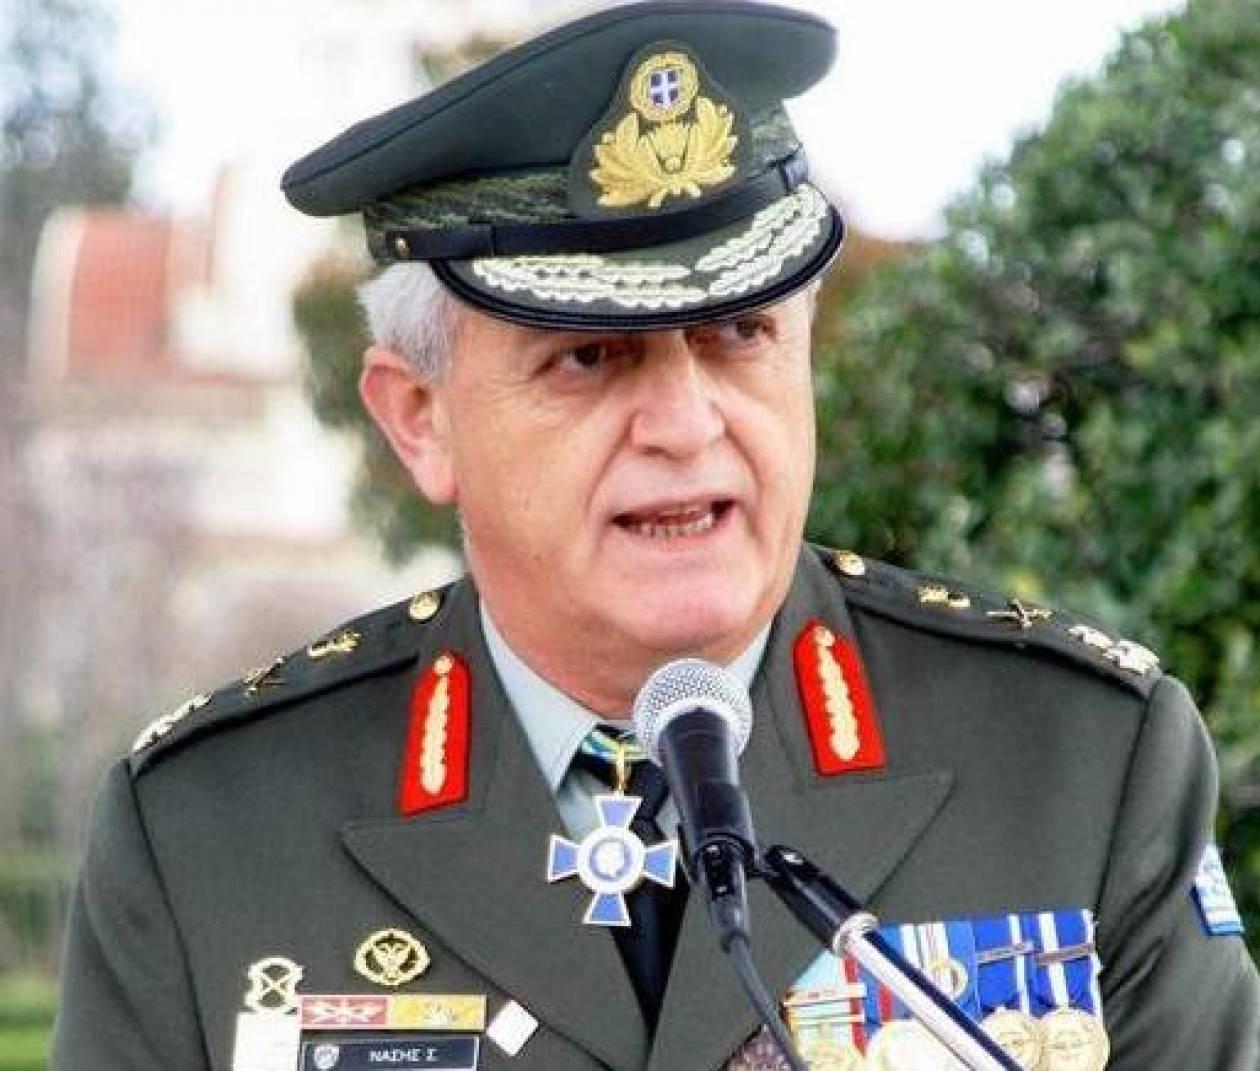 Κύπρος: Ορκίστηκε ο νέος Αρχηγός της Εθνικής Φρουράς